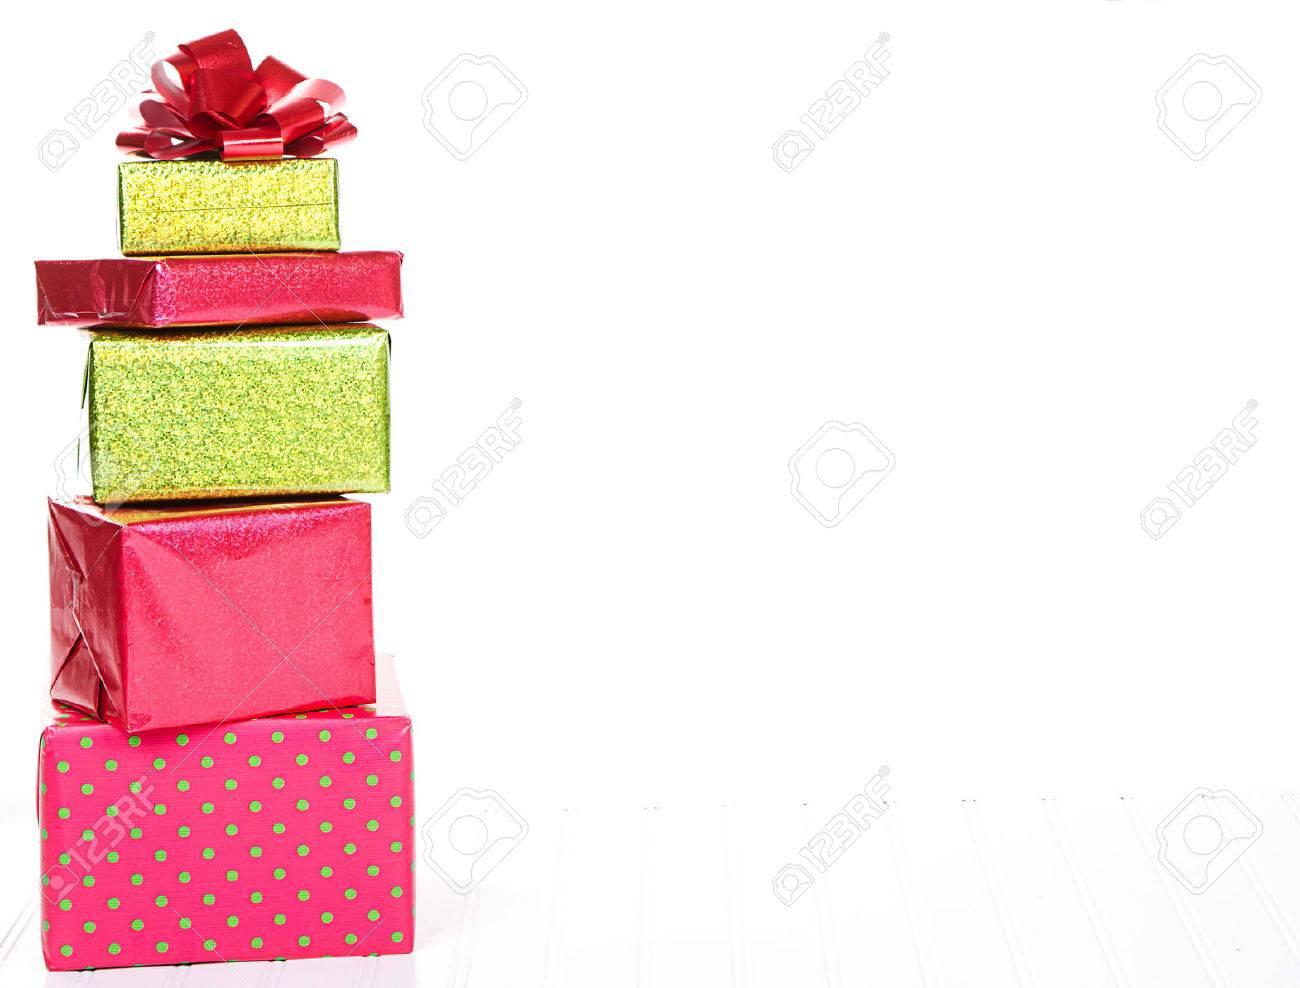 Rote Und Grüne Weihnachten Geschenke Mit Einem Isolierten Weißen ...